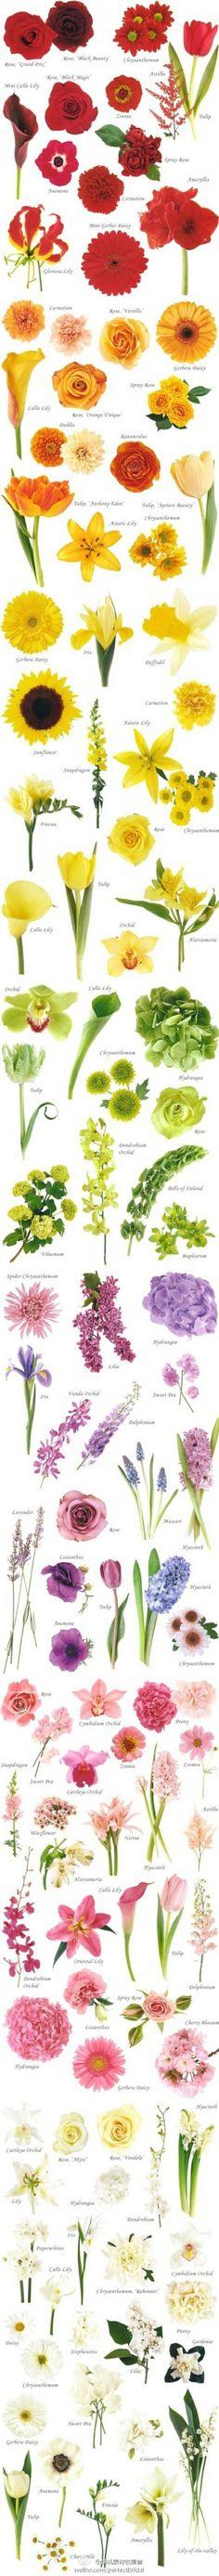 Flower types/species